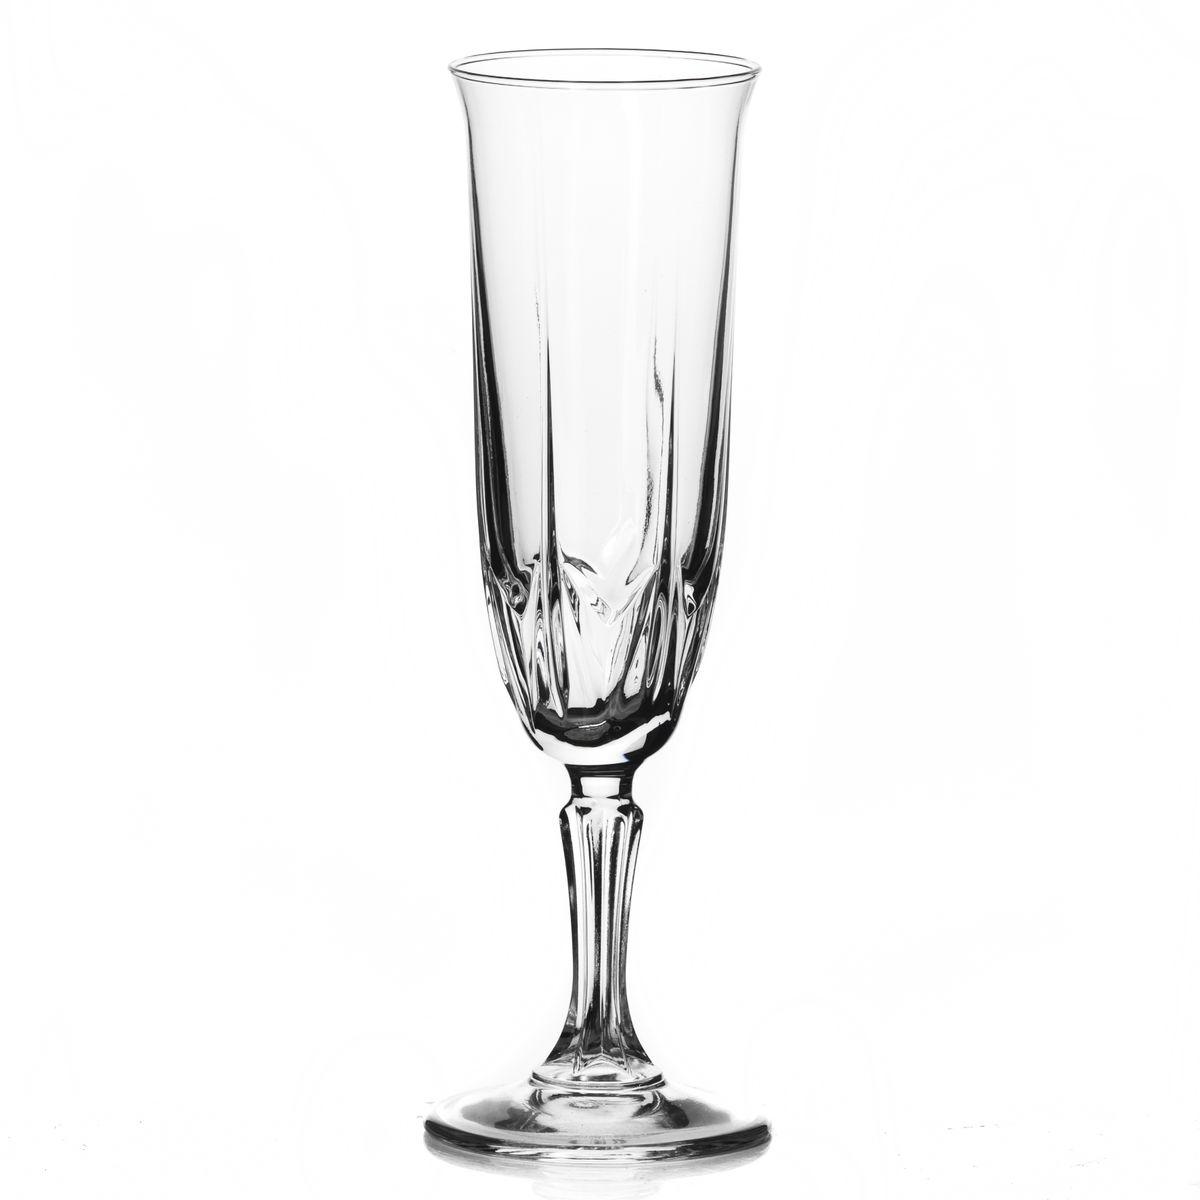 Набор бокалов Pasabahce Karat, 163 мл, 6 шт440146BНабор Pasabahce Karat состоит из шести бокалов, выполненных из прочного натрий-кальций-силикатного стекла. Изделия оснащены невысокими ножками и красивым рельефным рисунком. Бокалы сочетают в себе элегантный дизайн и функциональность. Благодаря такому набору пить напитки будет еще вкуснее. Набор бокалов Pasabahce Karat прекрасно оформит праздничный стол и создаст приятную атмосферу за ужином. Такой набор также станет хорошим подарком к любому случаю. Можно мыть в посудомоечной машине. Диаметр бокала (по верхнему краю): 5,5 см. Высота бокала: 21 см.